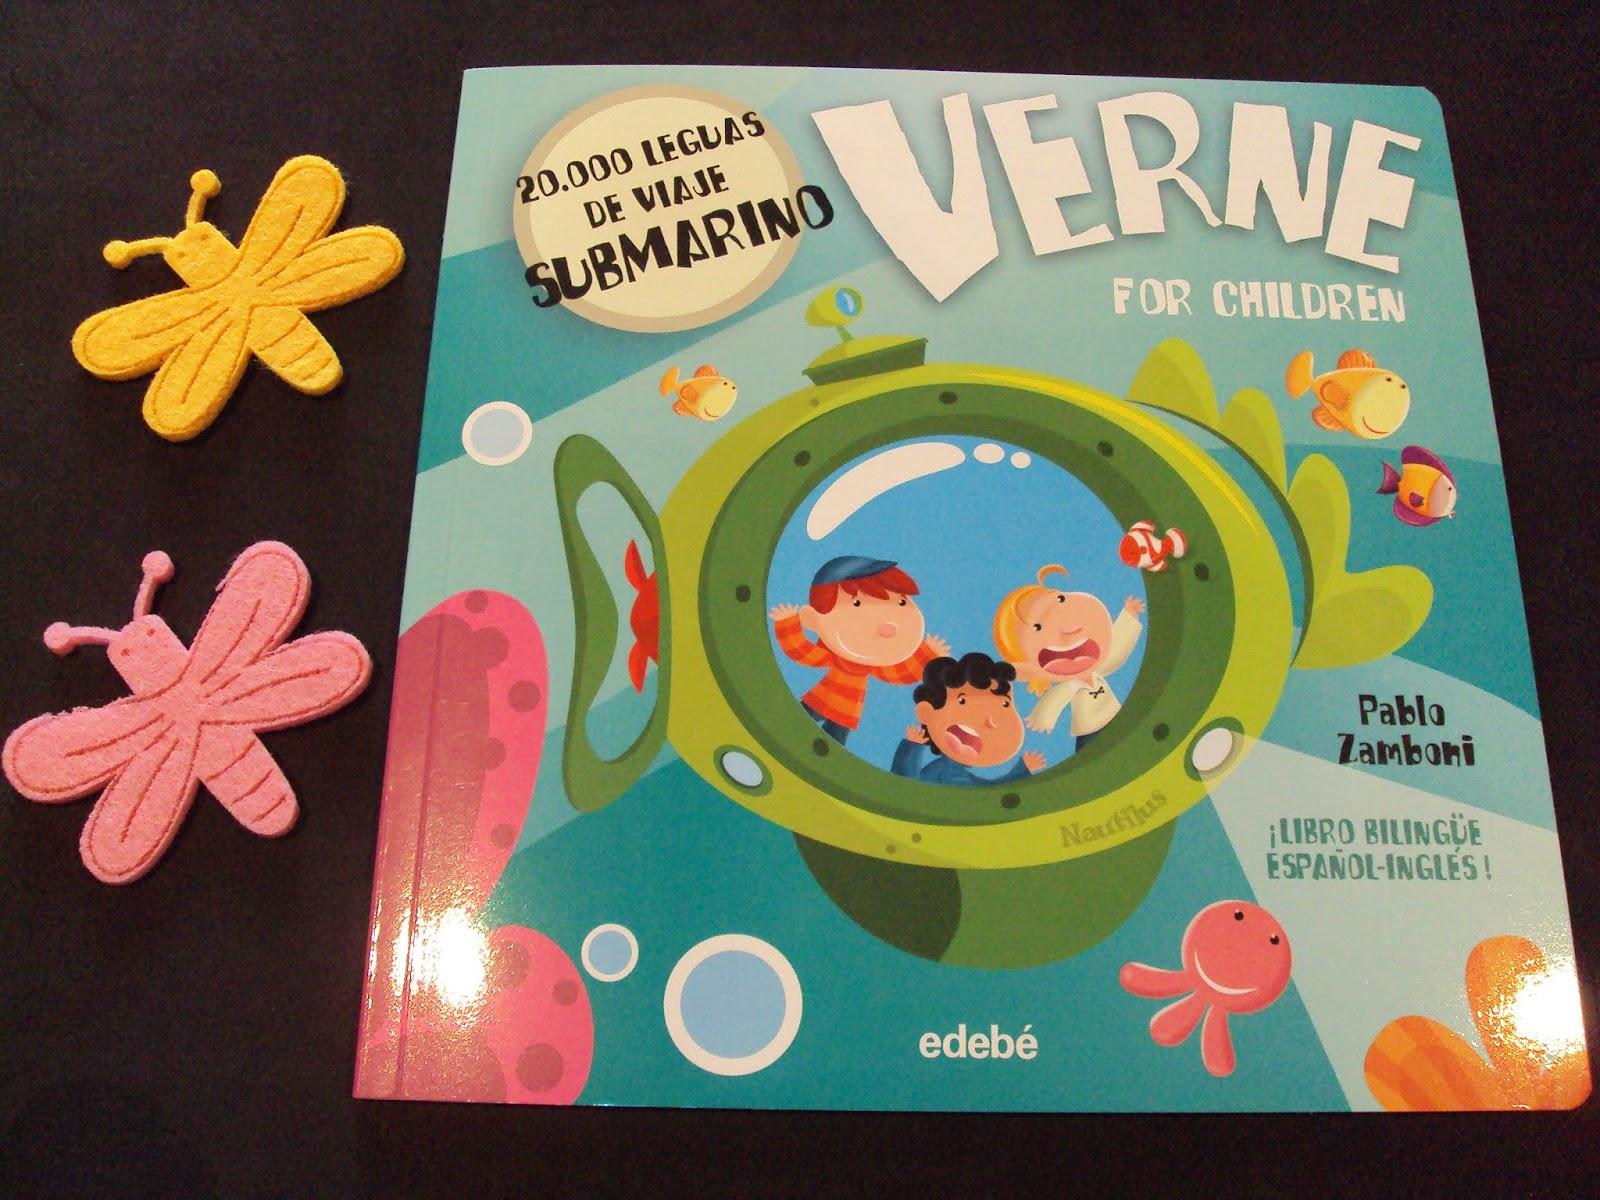 Verne para niños: 20.000 Leguas de viaje submarino - Pablo Zamboni